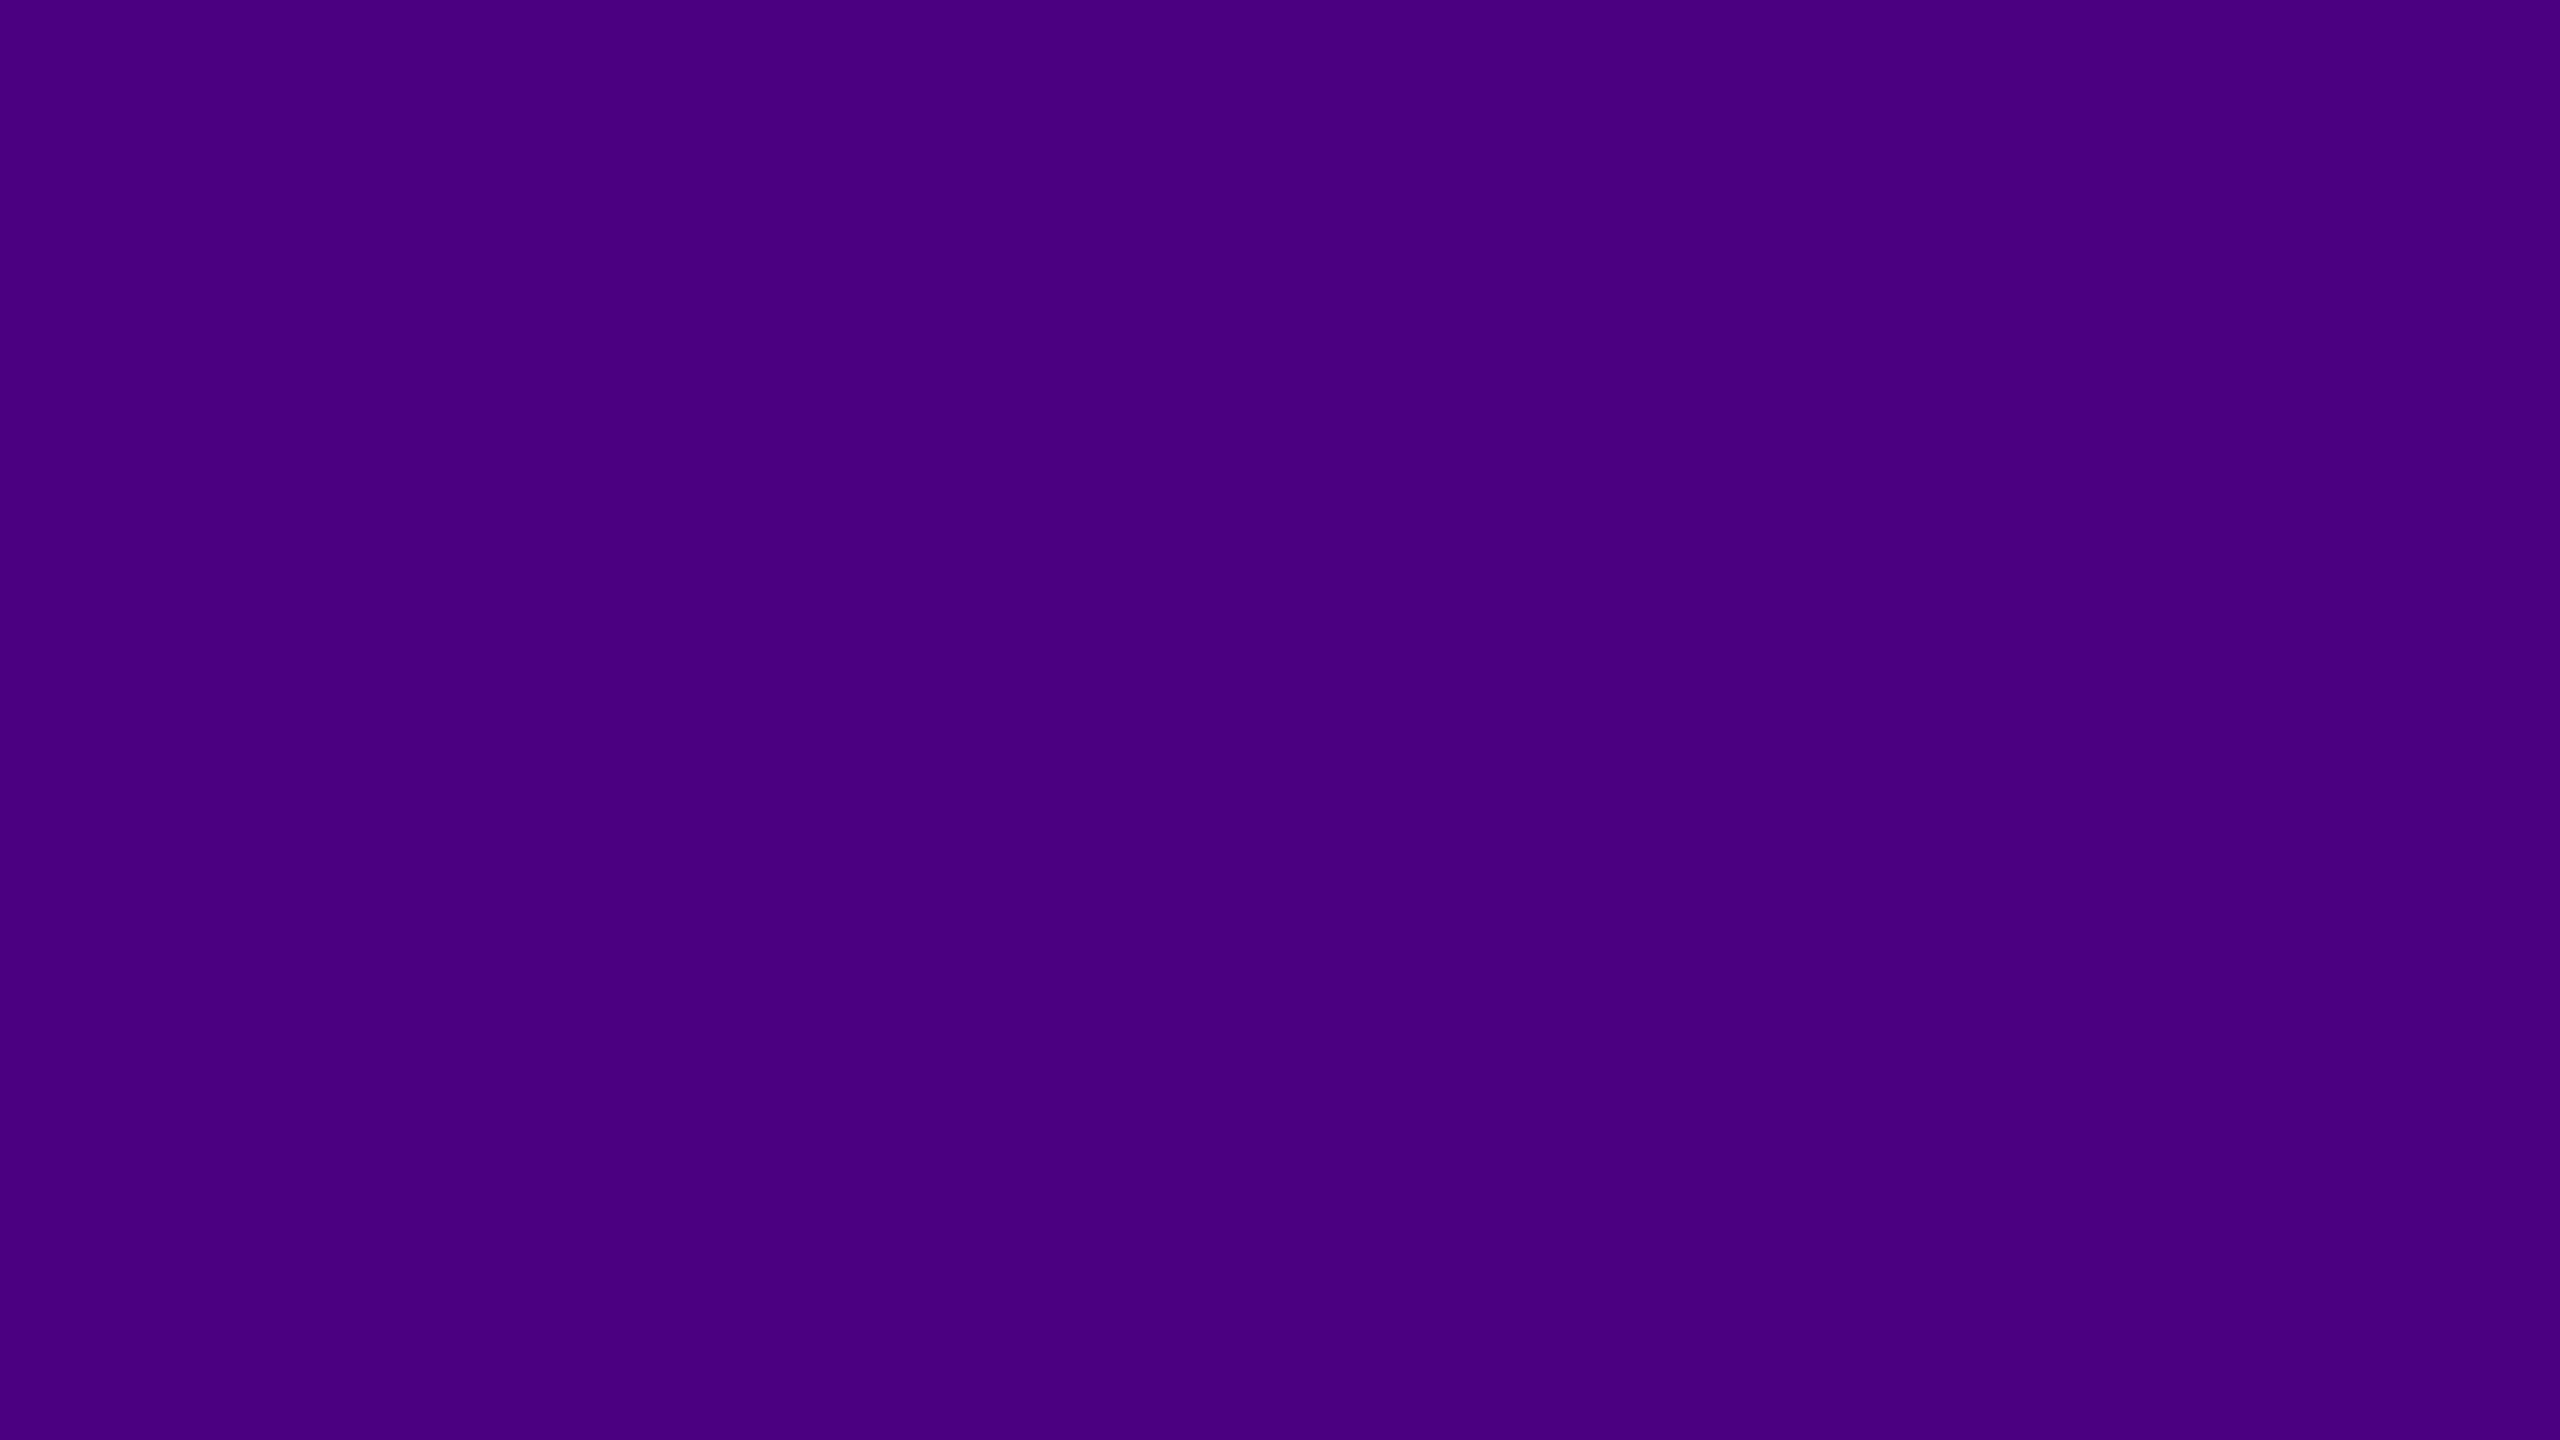 2560x1440 Indigo Web Solid Color Background